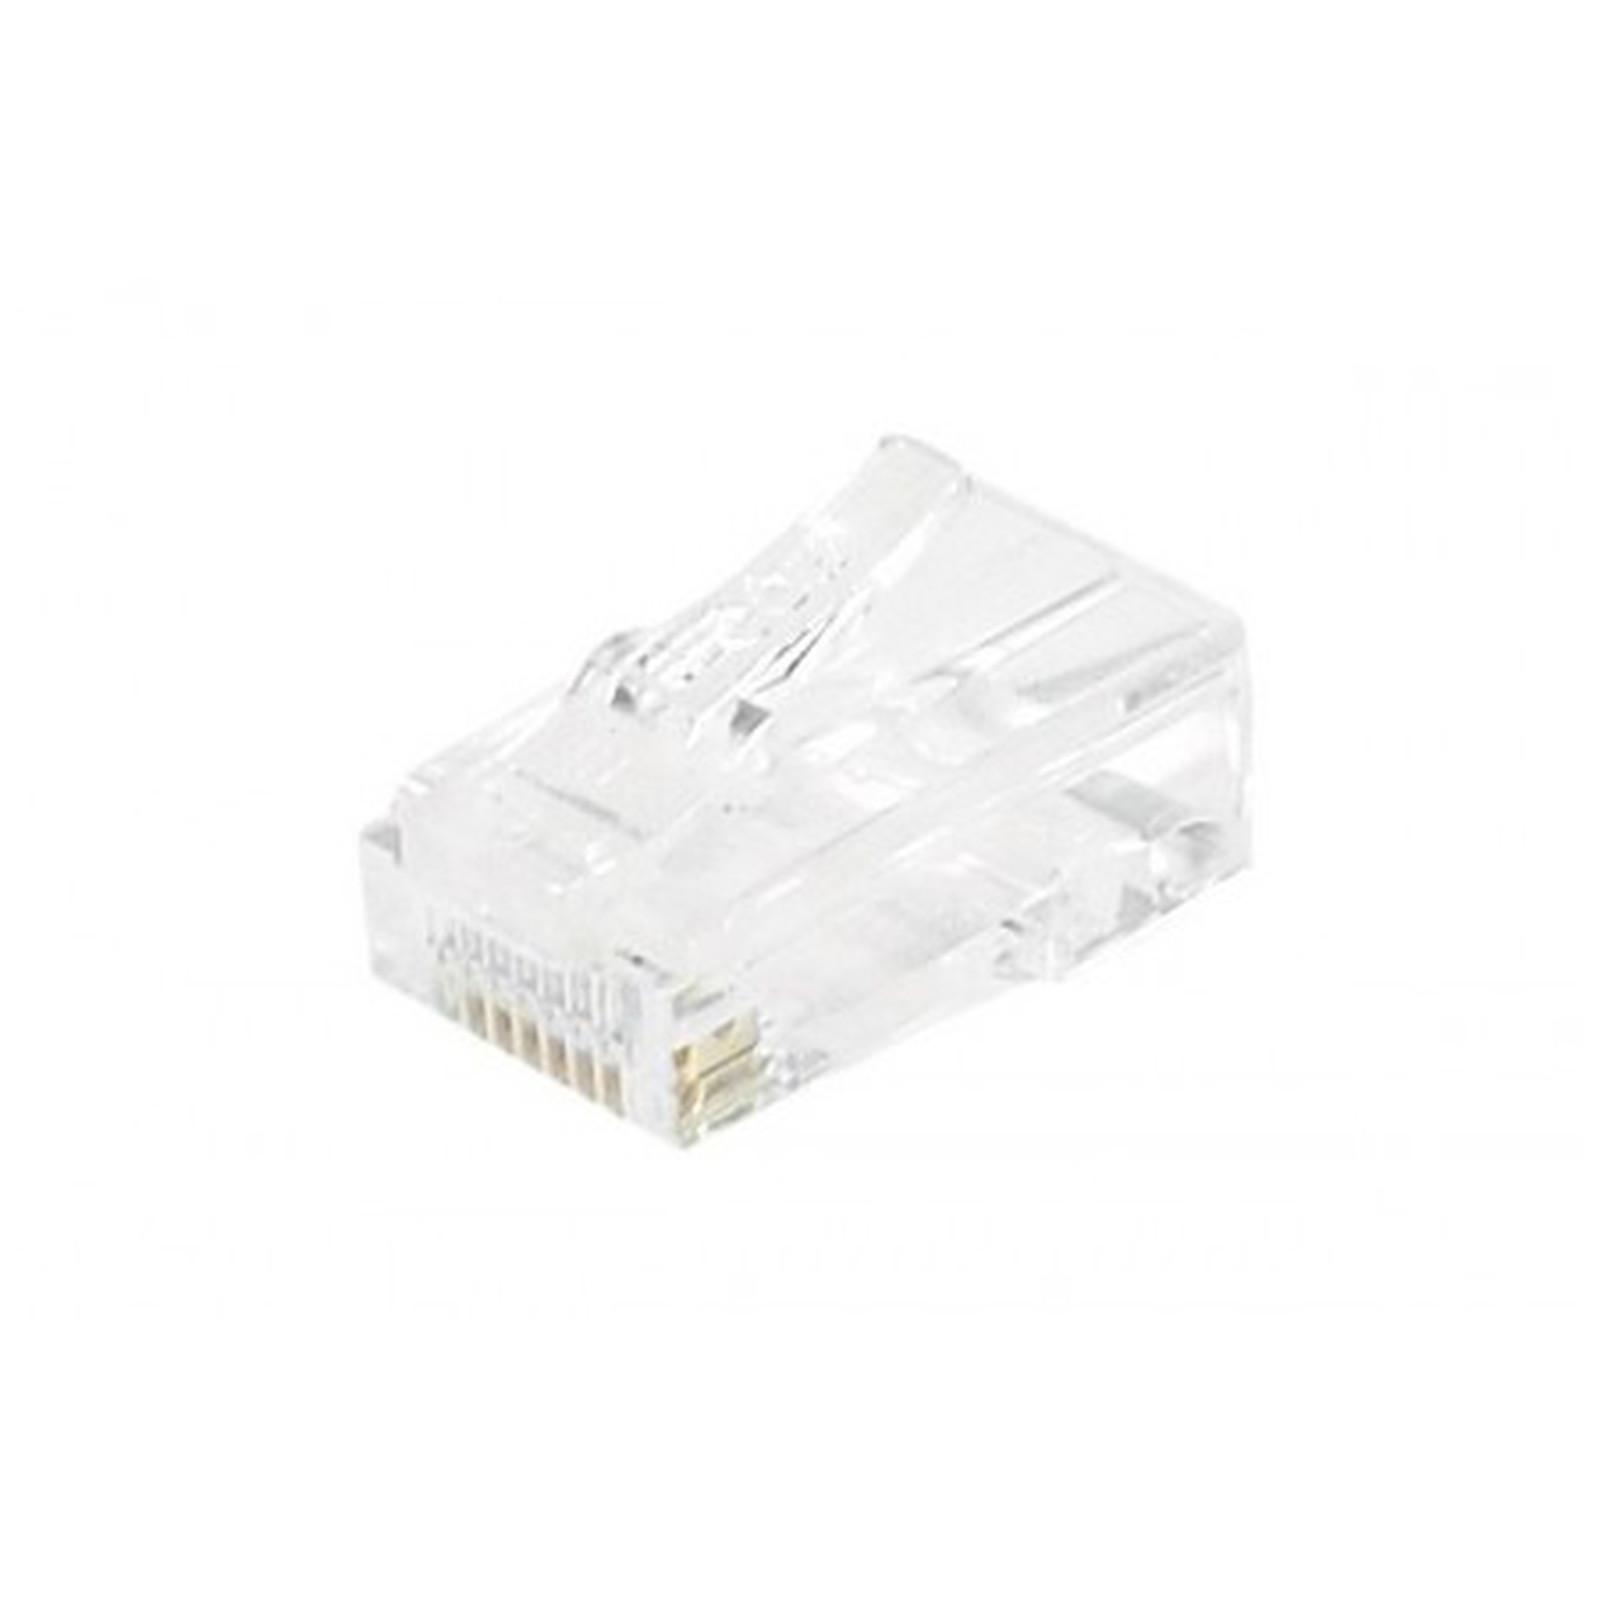 Connecteurs RJ45 catégorie 5e UTP (par 10)